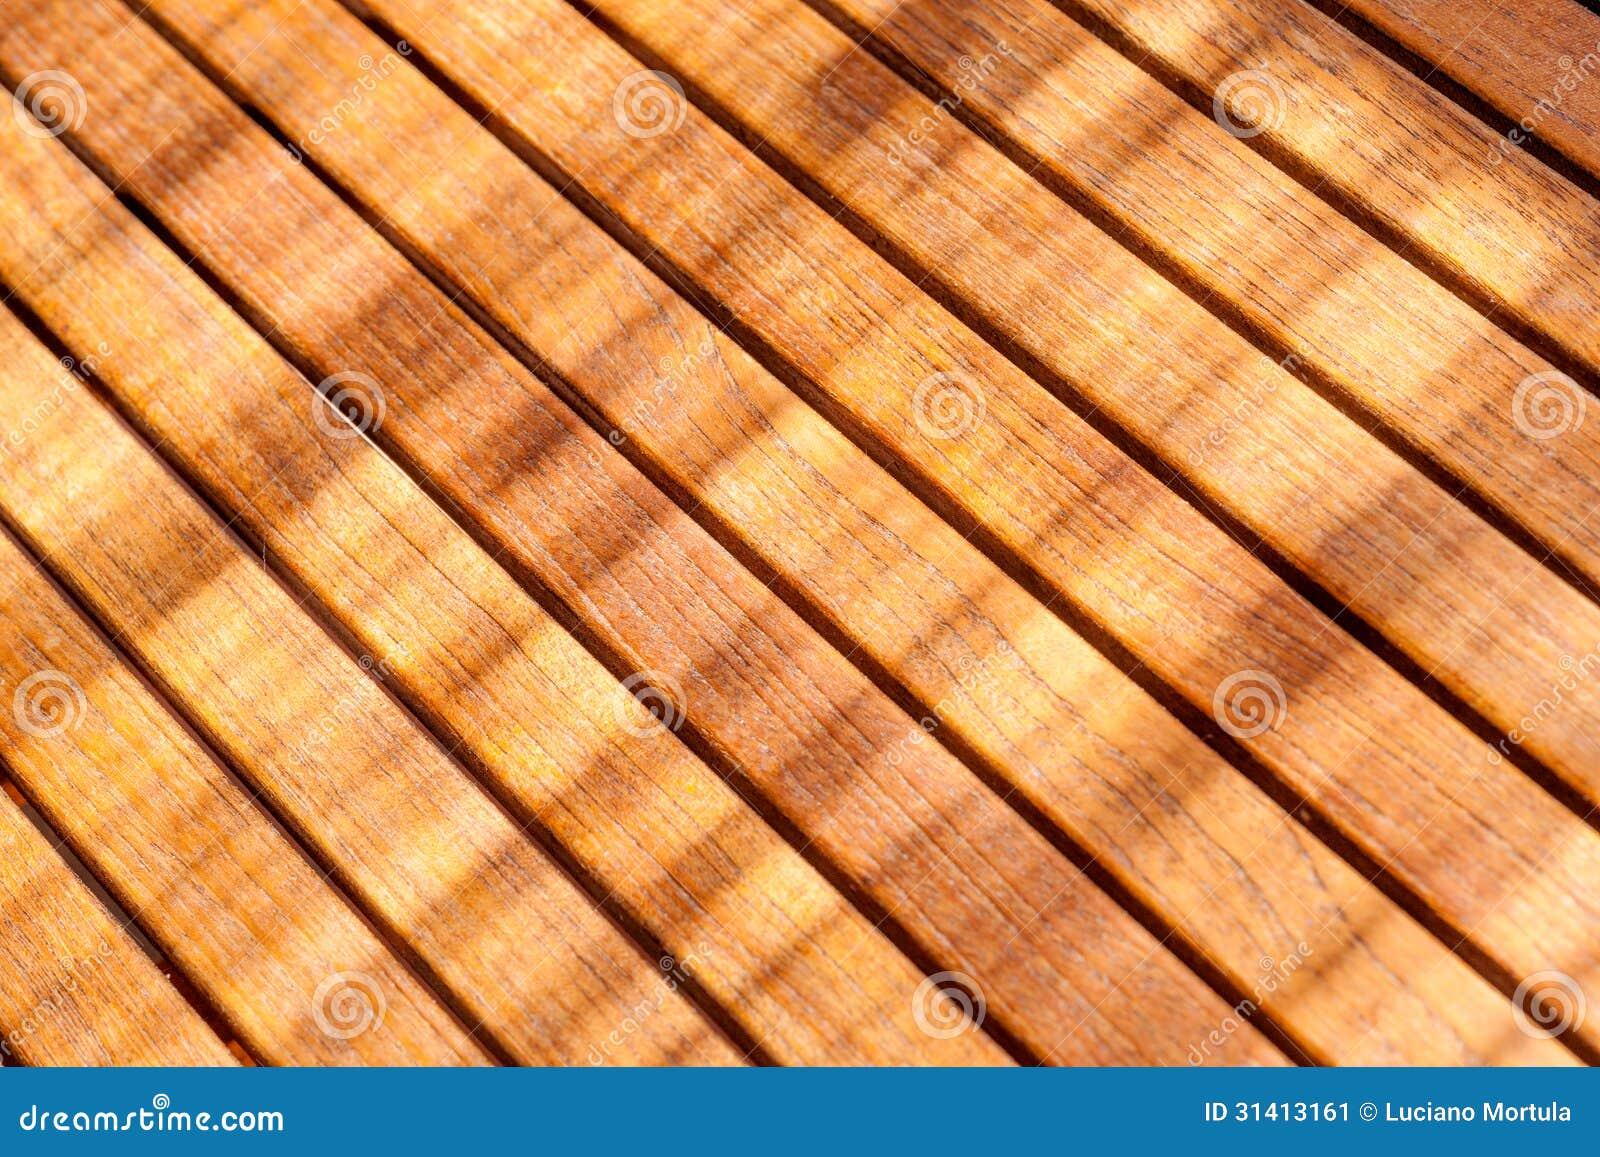 Teak Wood Table Stock Image Image 31413161